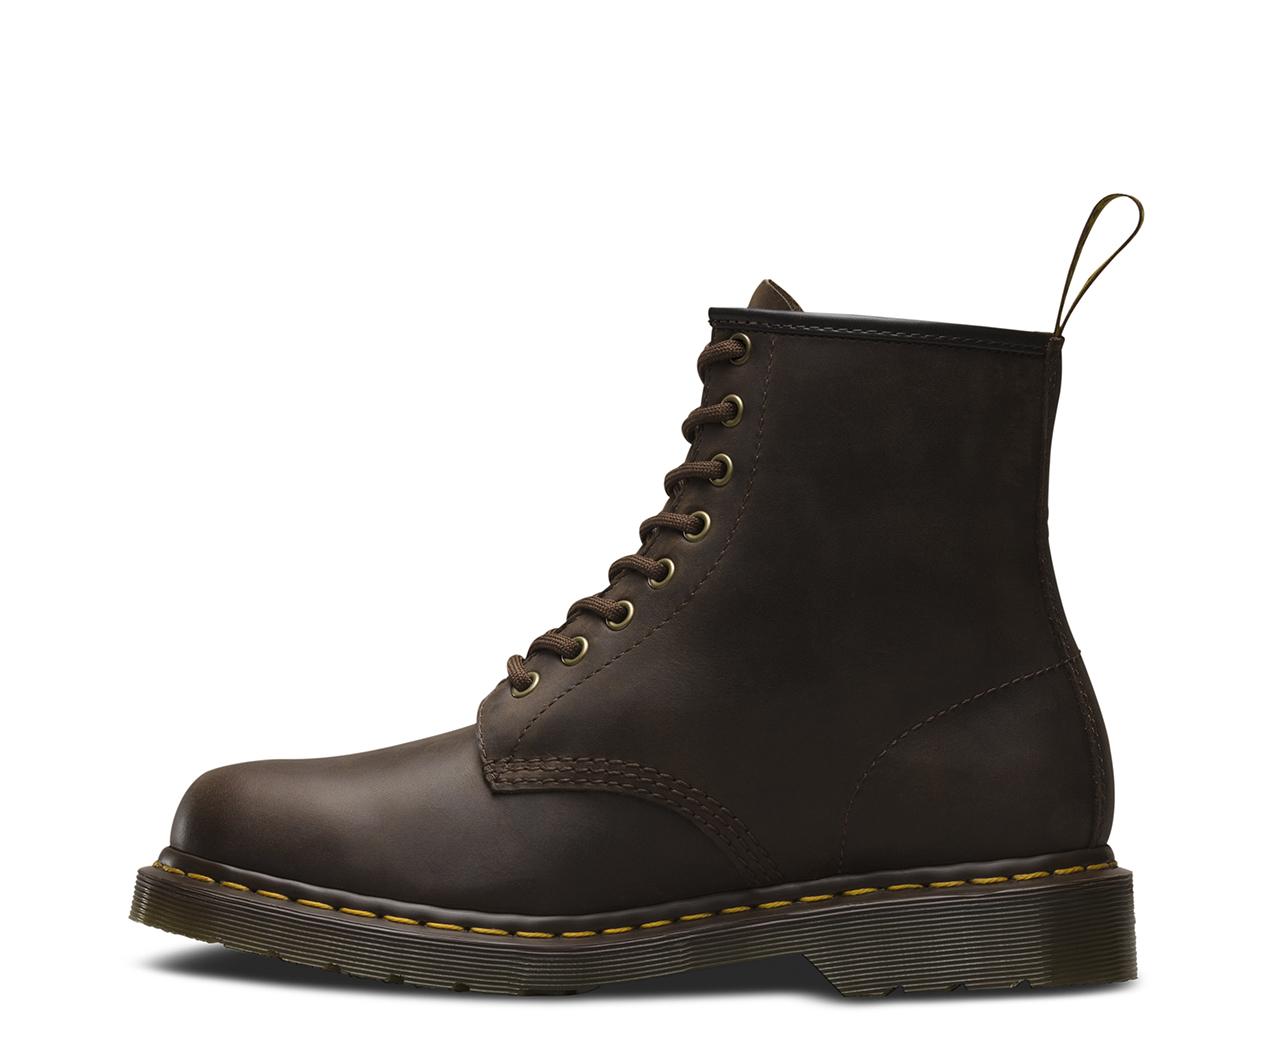 bdb40f4aa61e2 1460 CRAZY HORSE | Women's Boots & Shoes | Canada